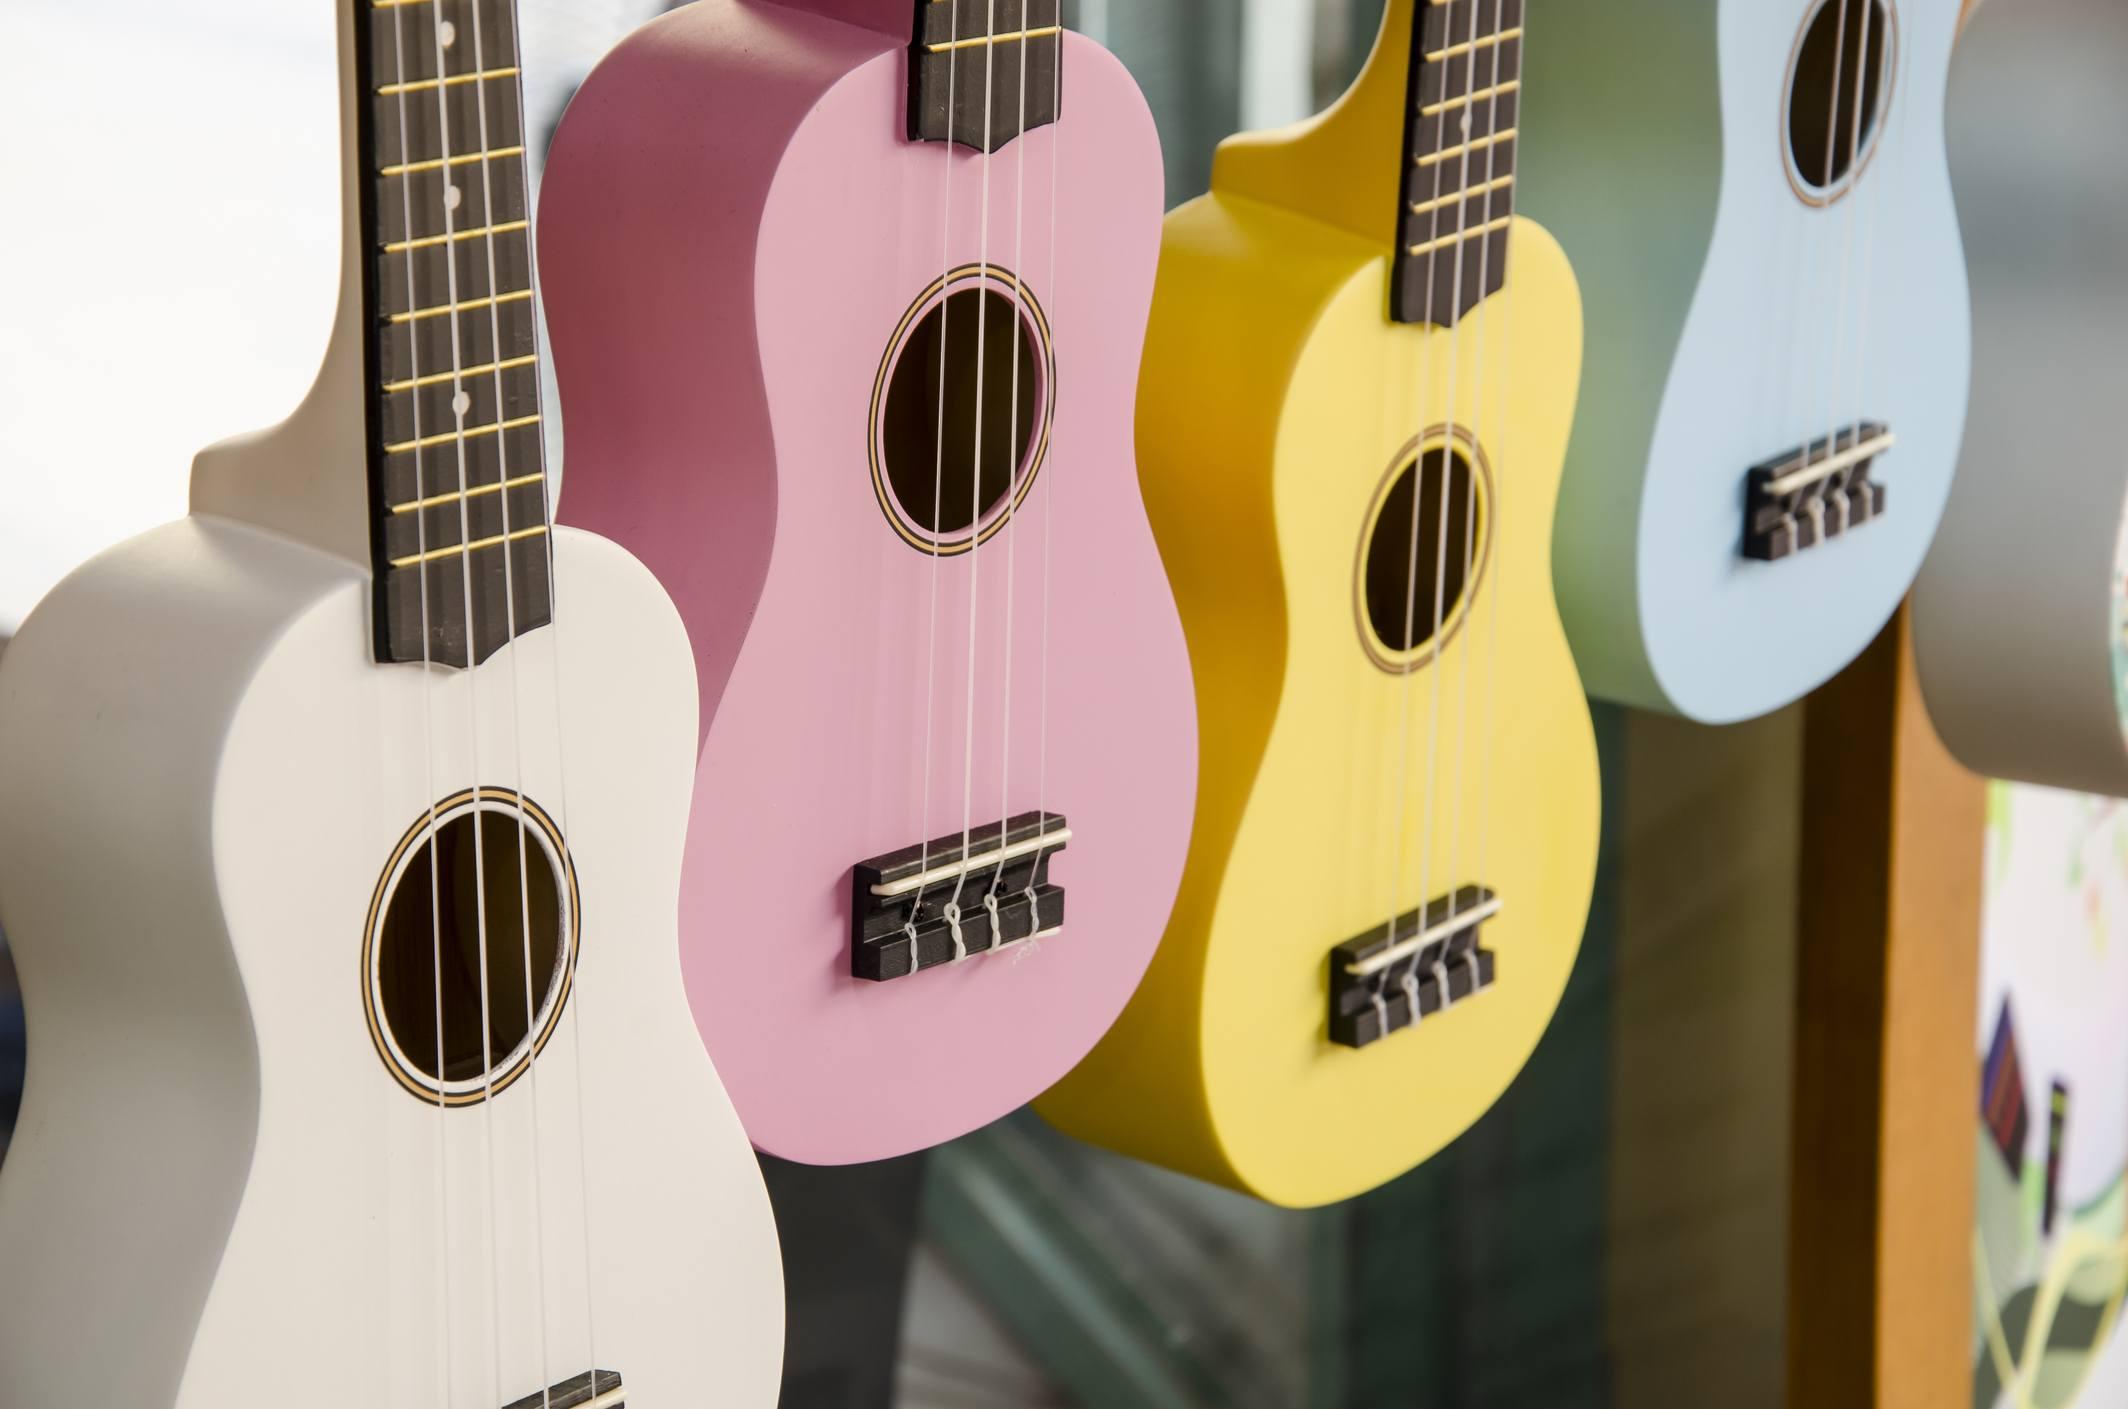 colorful ukuleles hanging